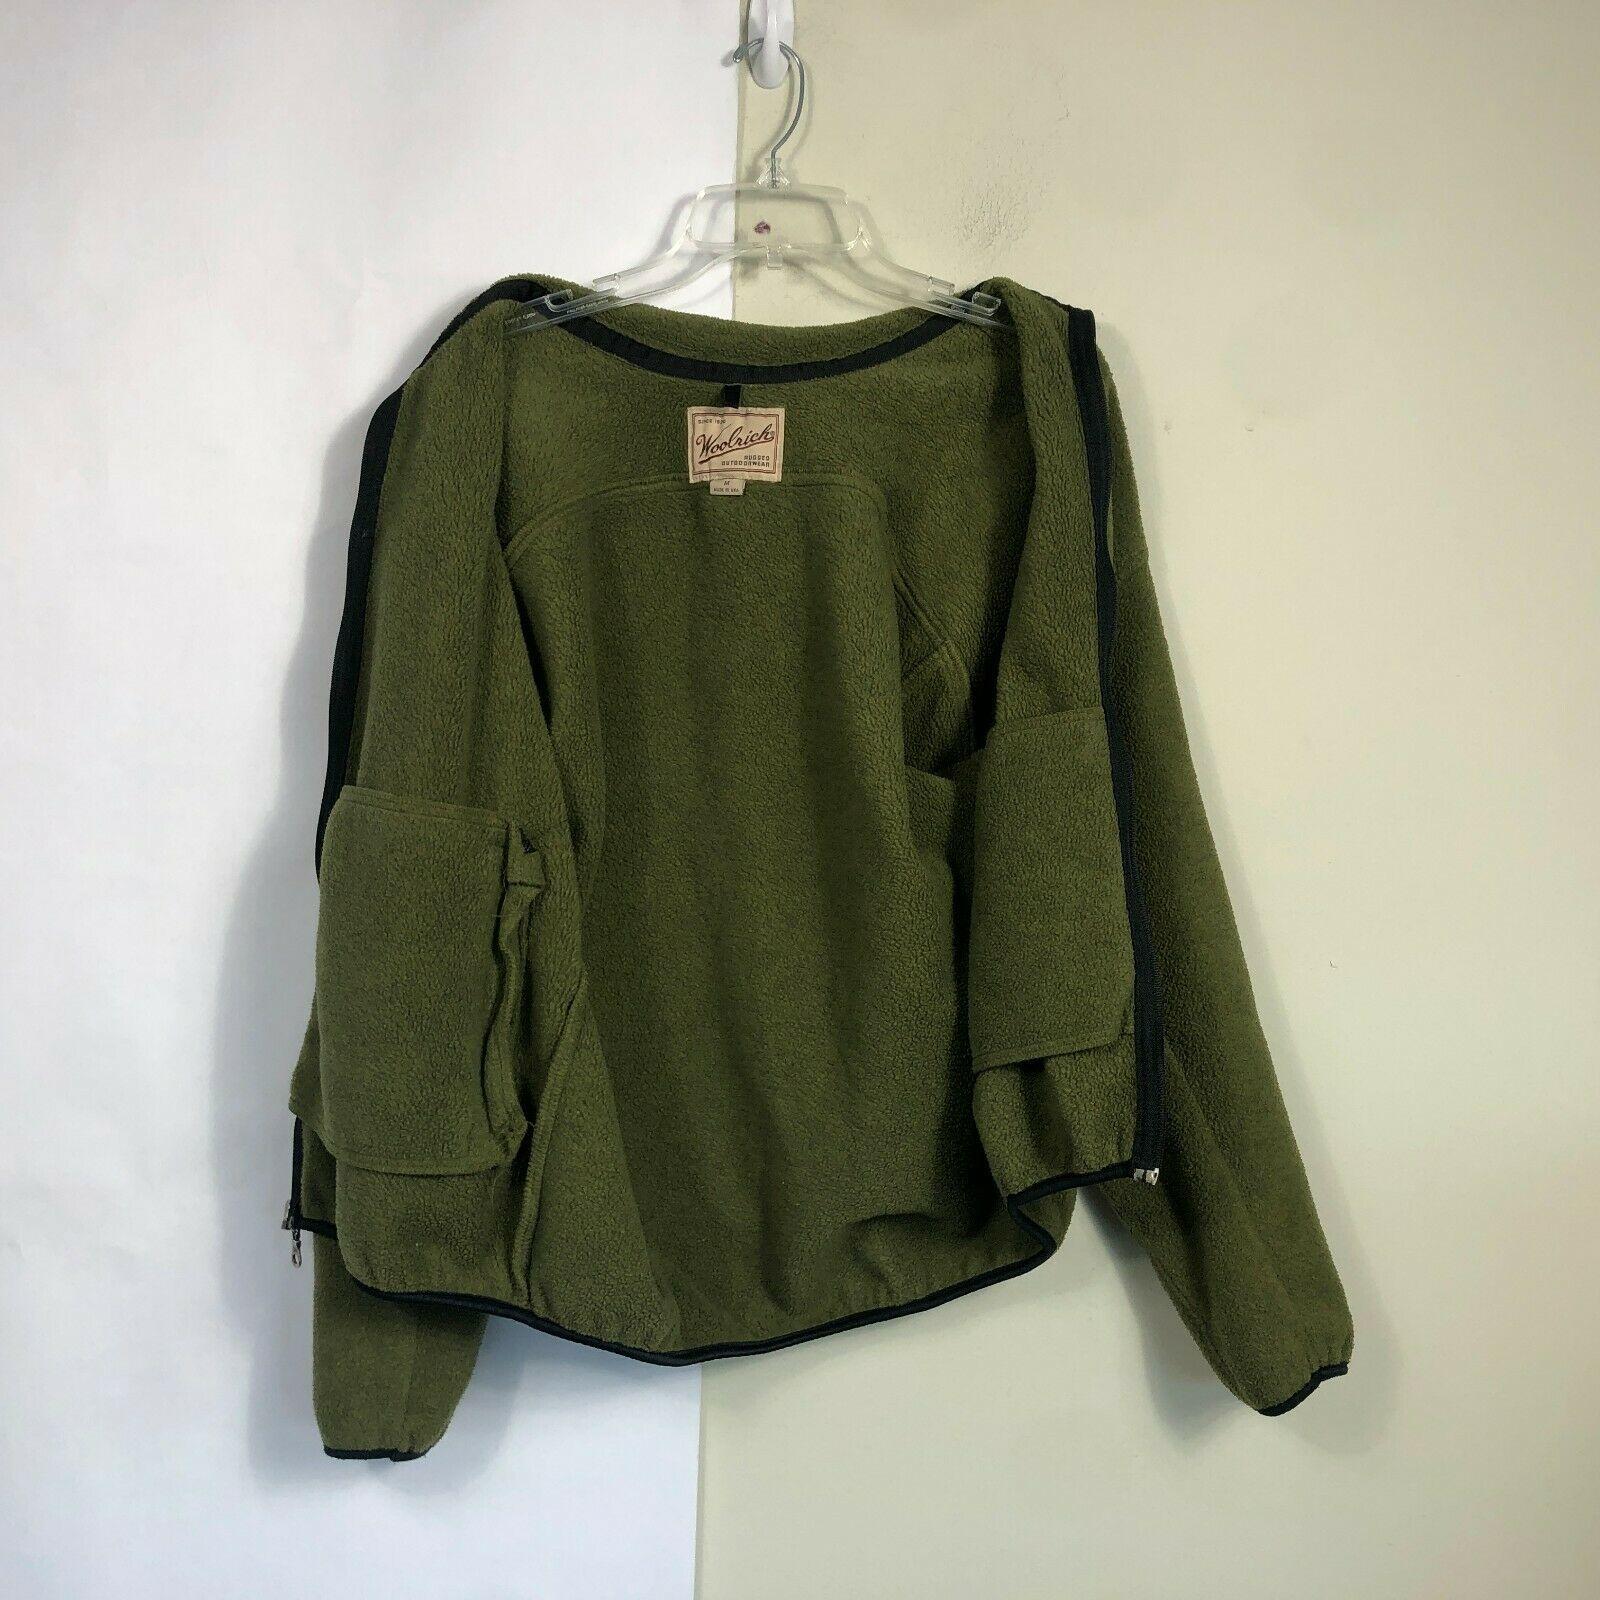 WoolRich Fleece Jacket Men's Medium Olive Green Full Zip Thick Fleece image 6